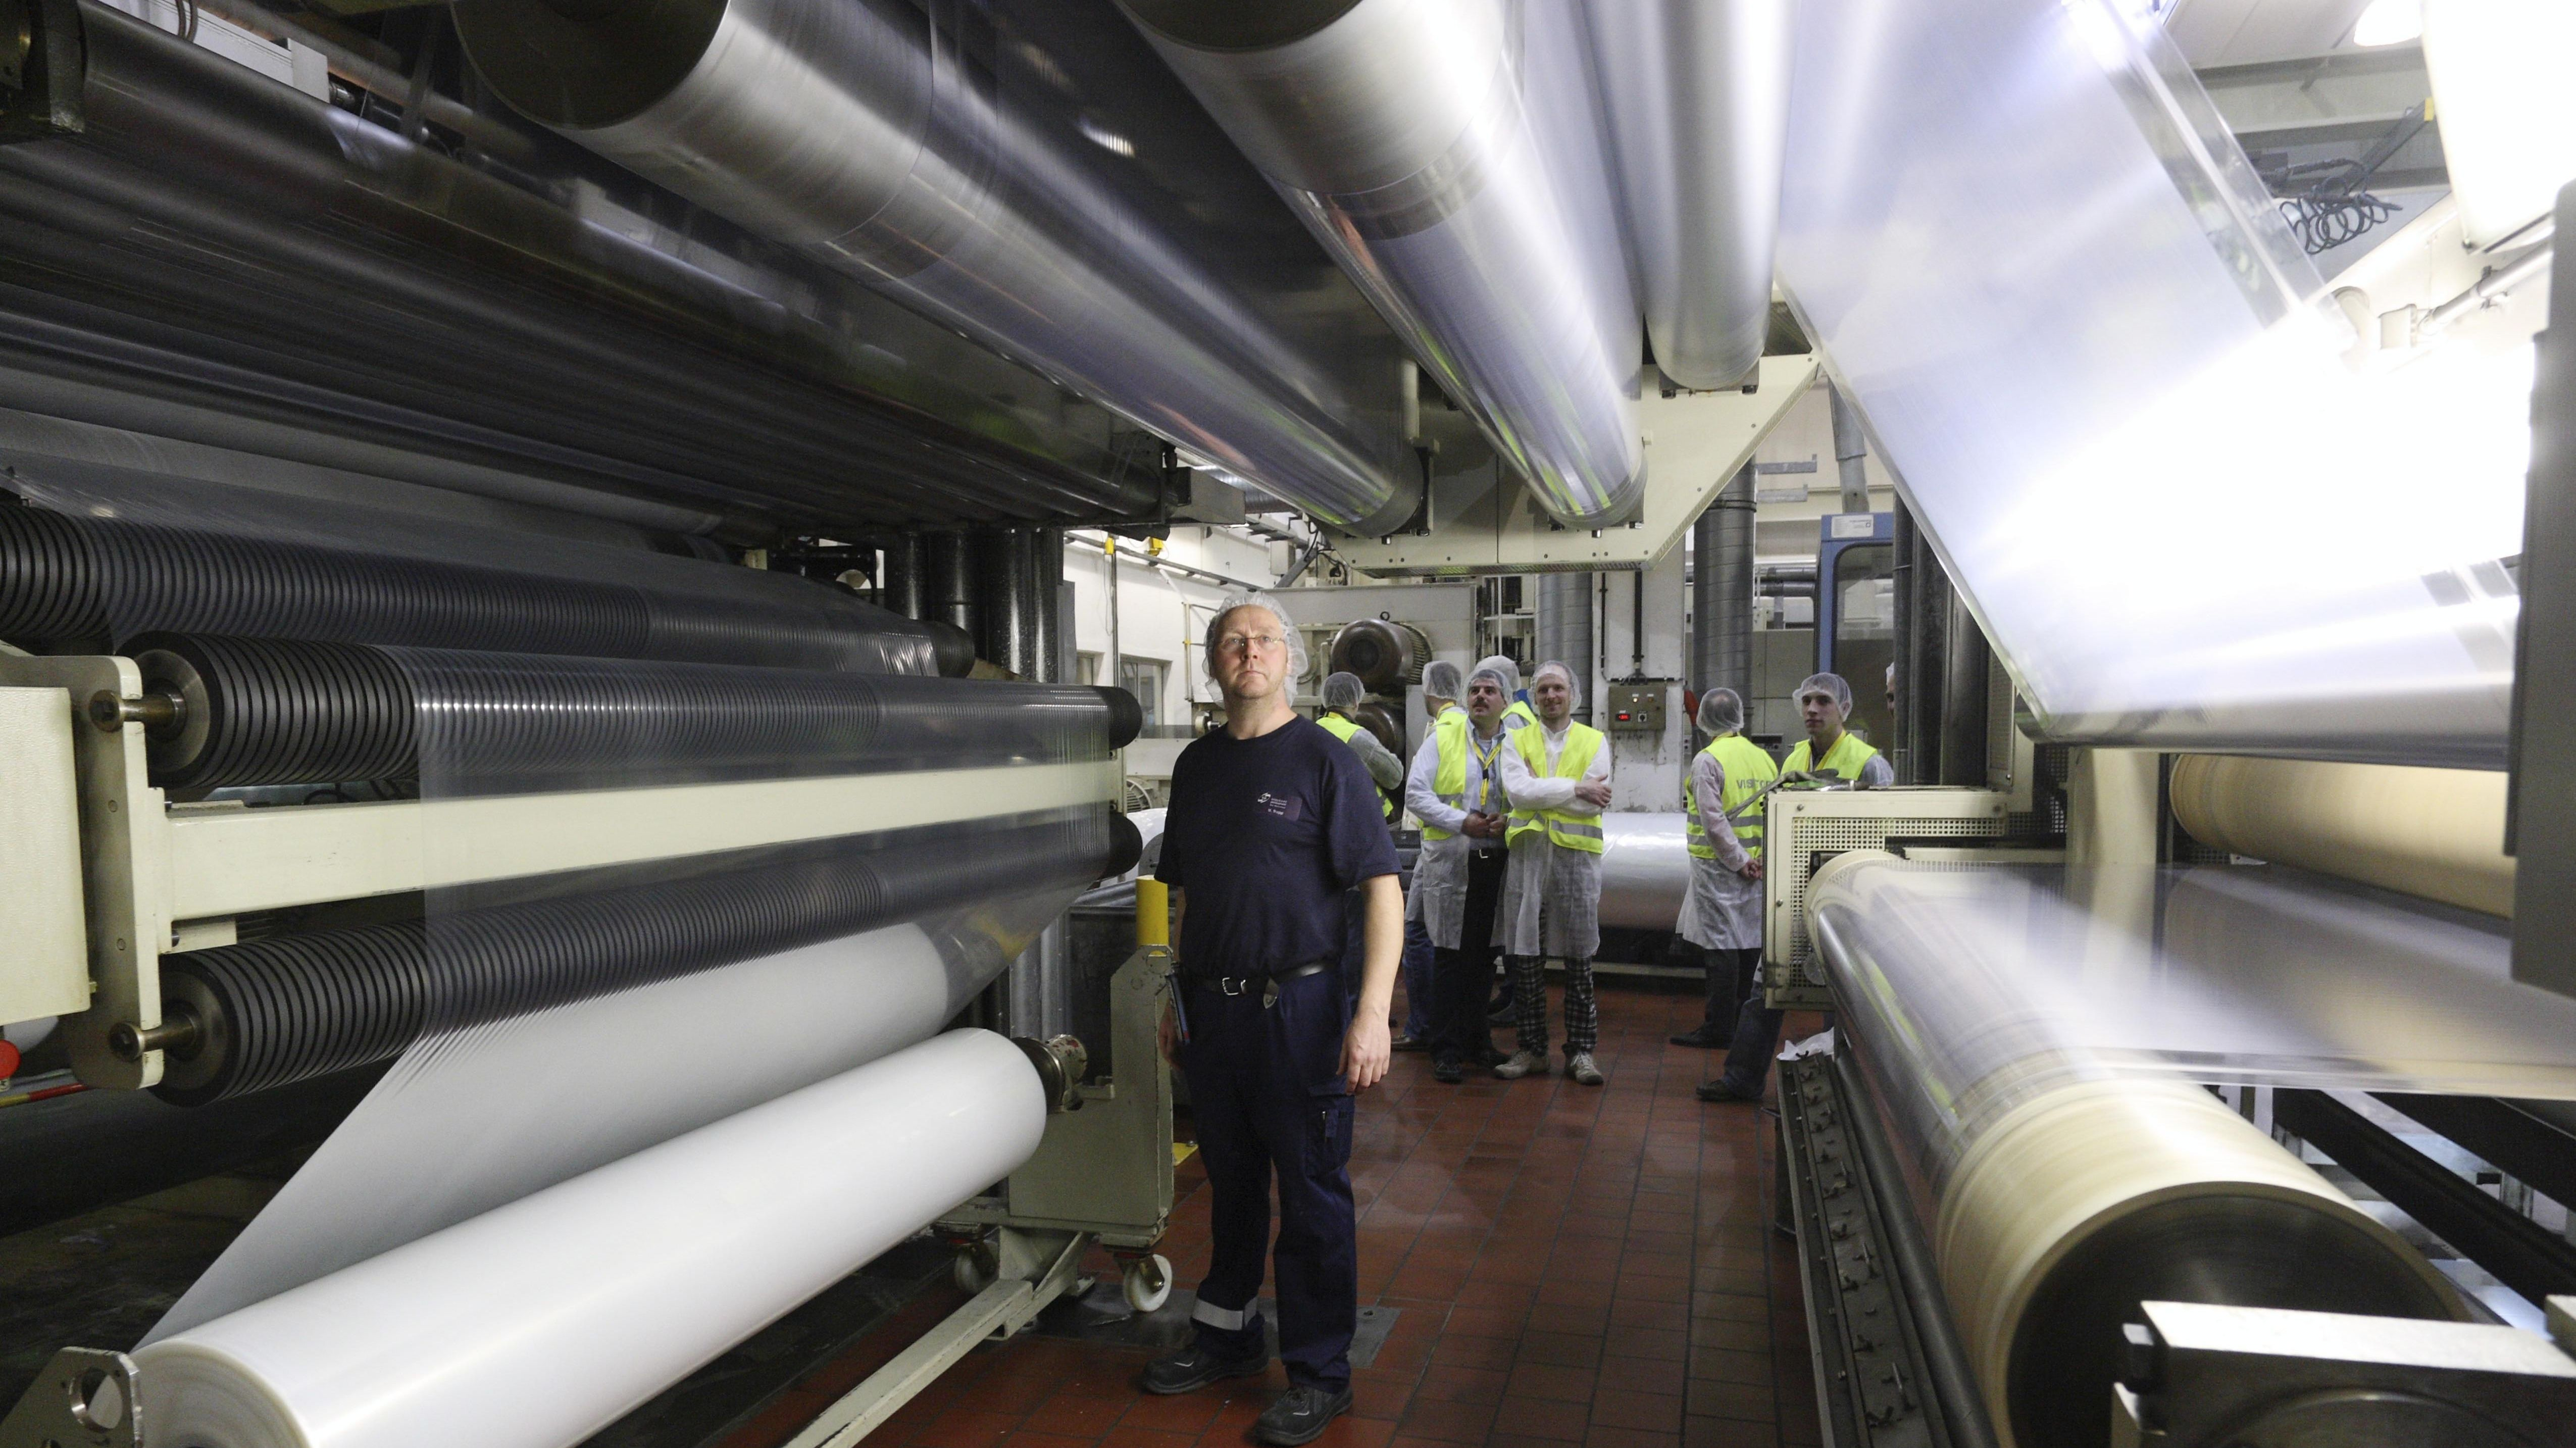 Produktion von PVC-Folie für die Verpackung von Lebensmitteln